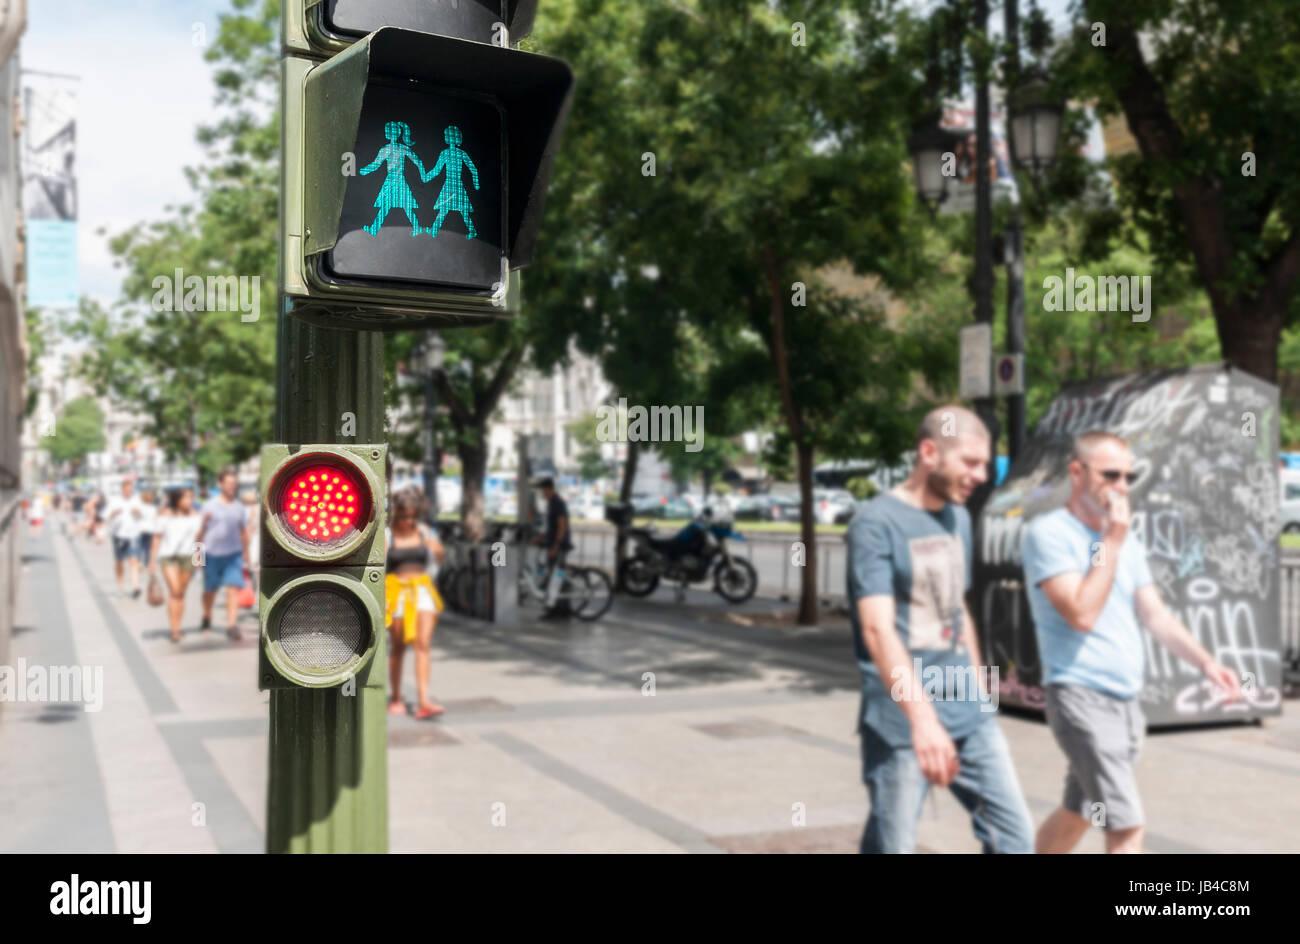 Semáforos lgtbi instalados en Madrid con motivo del día del orgullo gay. Immagini Stock